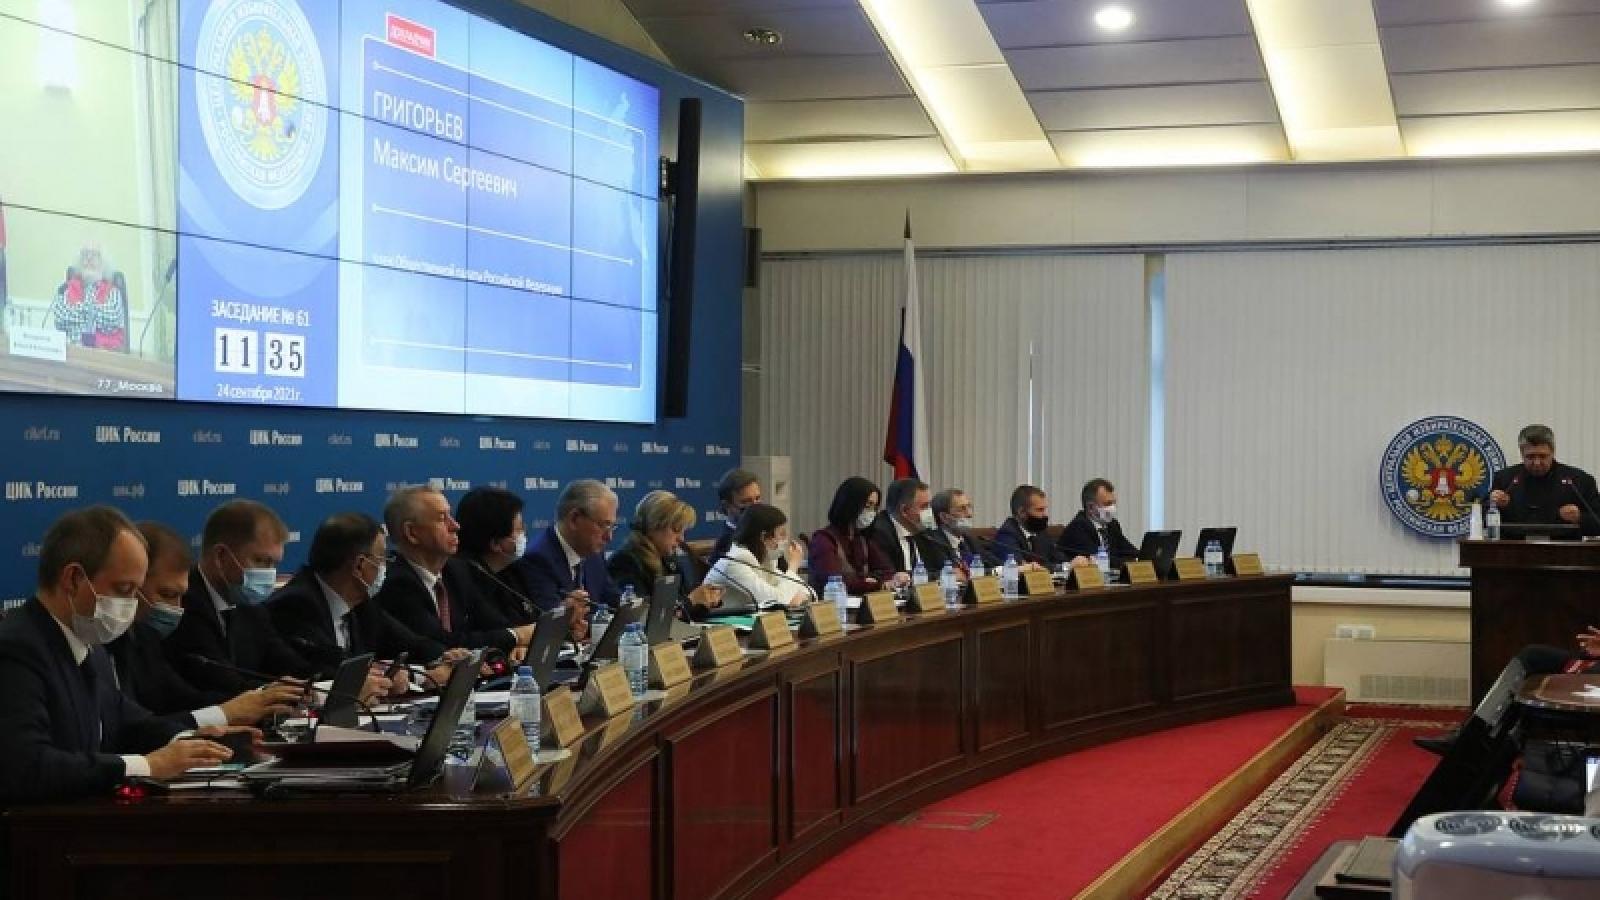 Đảng Nước Nga Thống nhất chiếm đa số trong Duma quốc gia Nga khóa mới